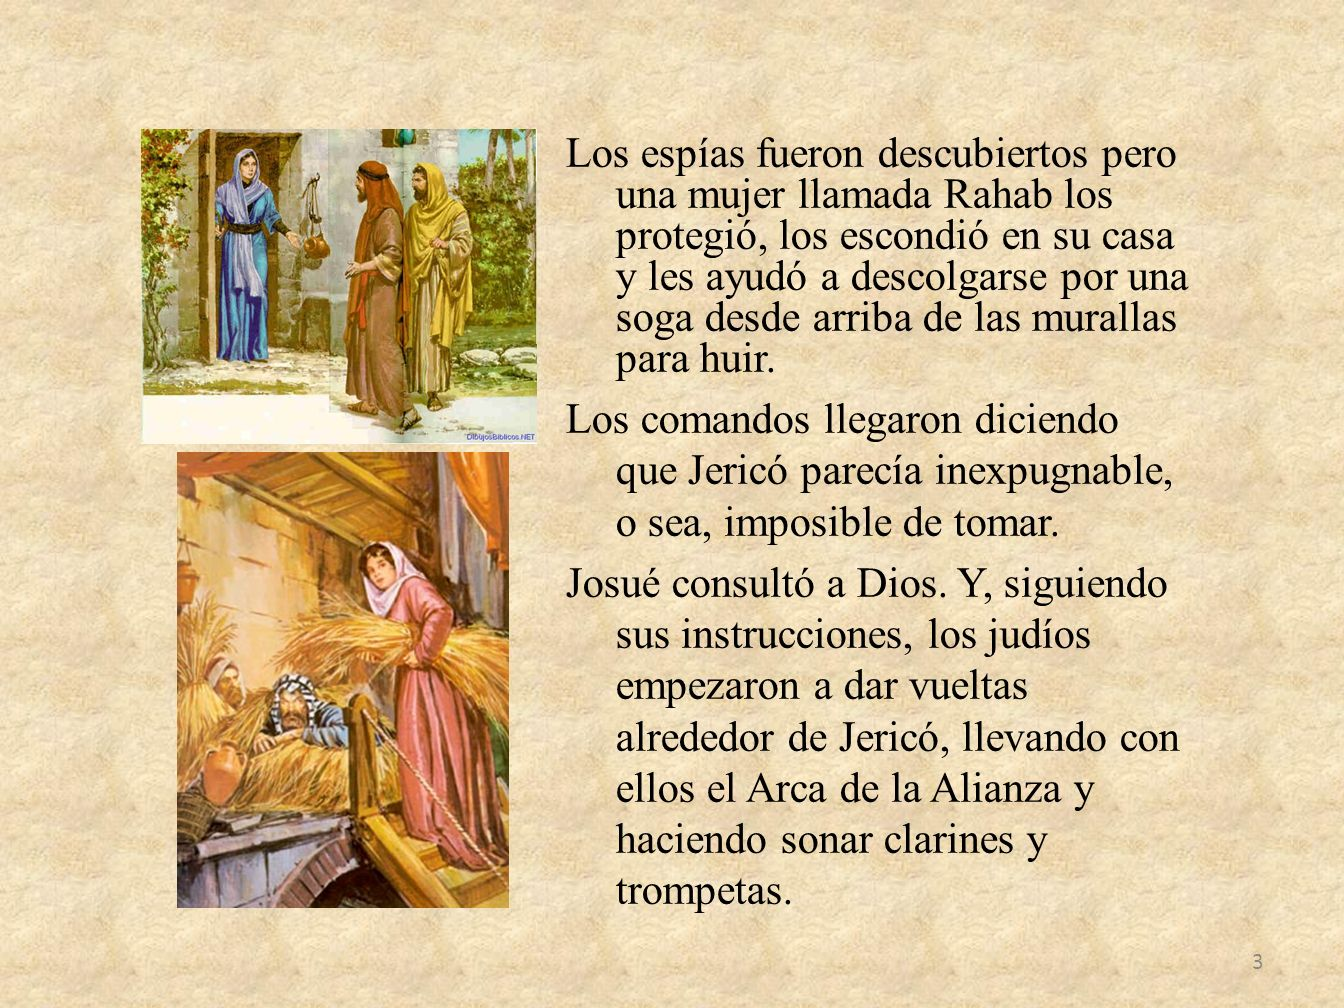 Los espías fueron descubiertos pero una mujer llamada Rahab los protegió, los escondió en su casa y les ayudó a descolgarse por una soga desde arriba de las murallas para huir.